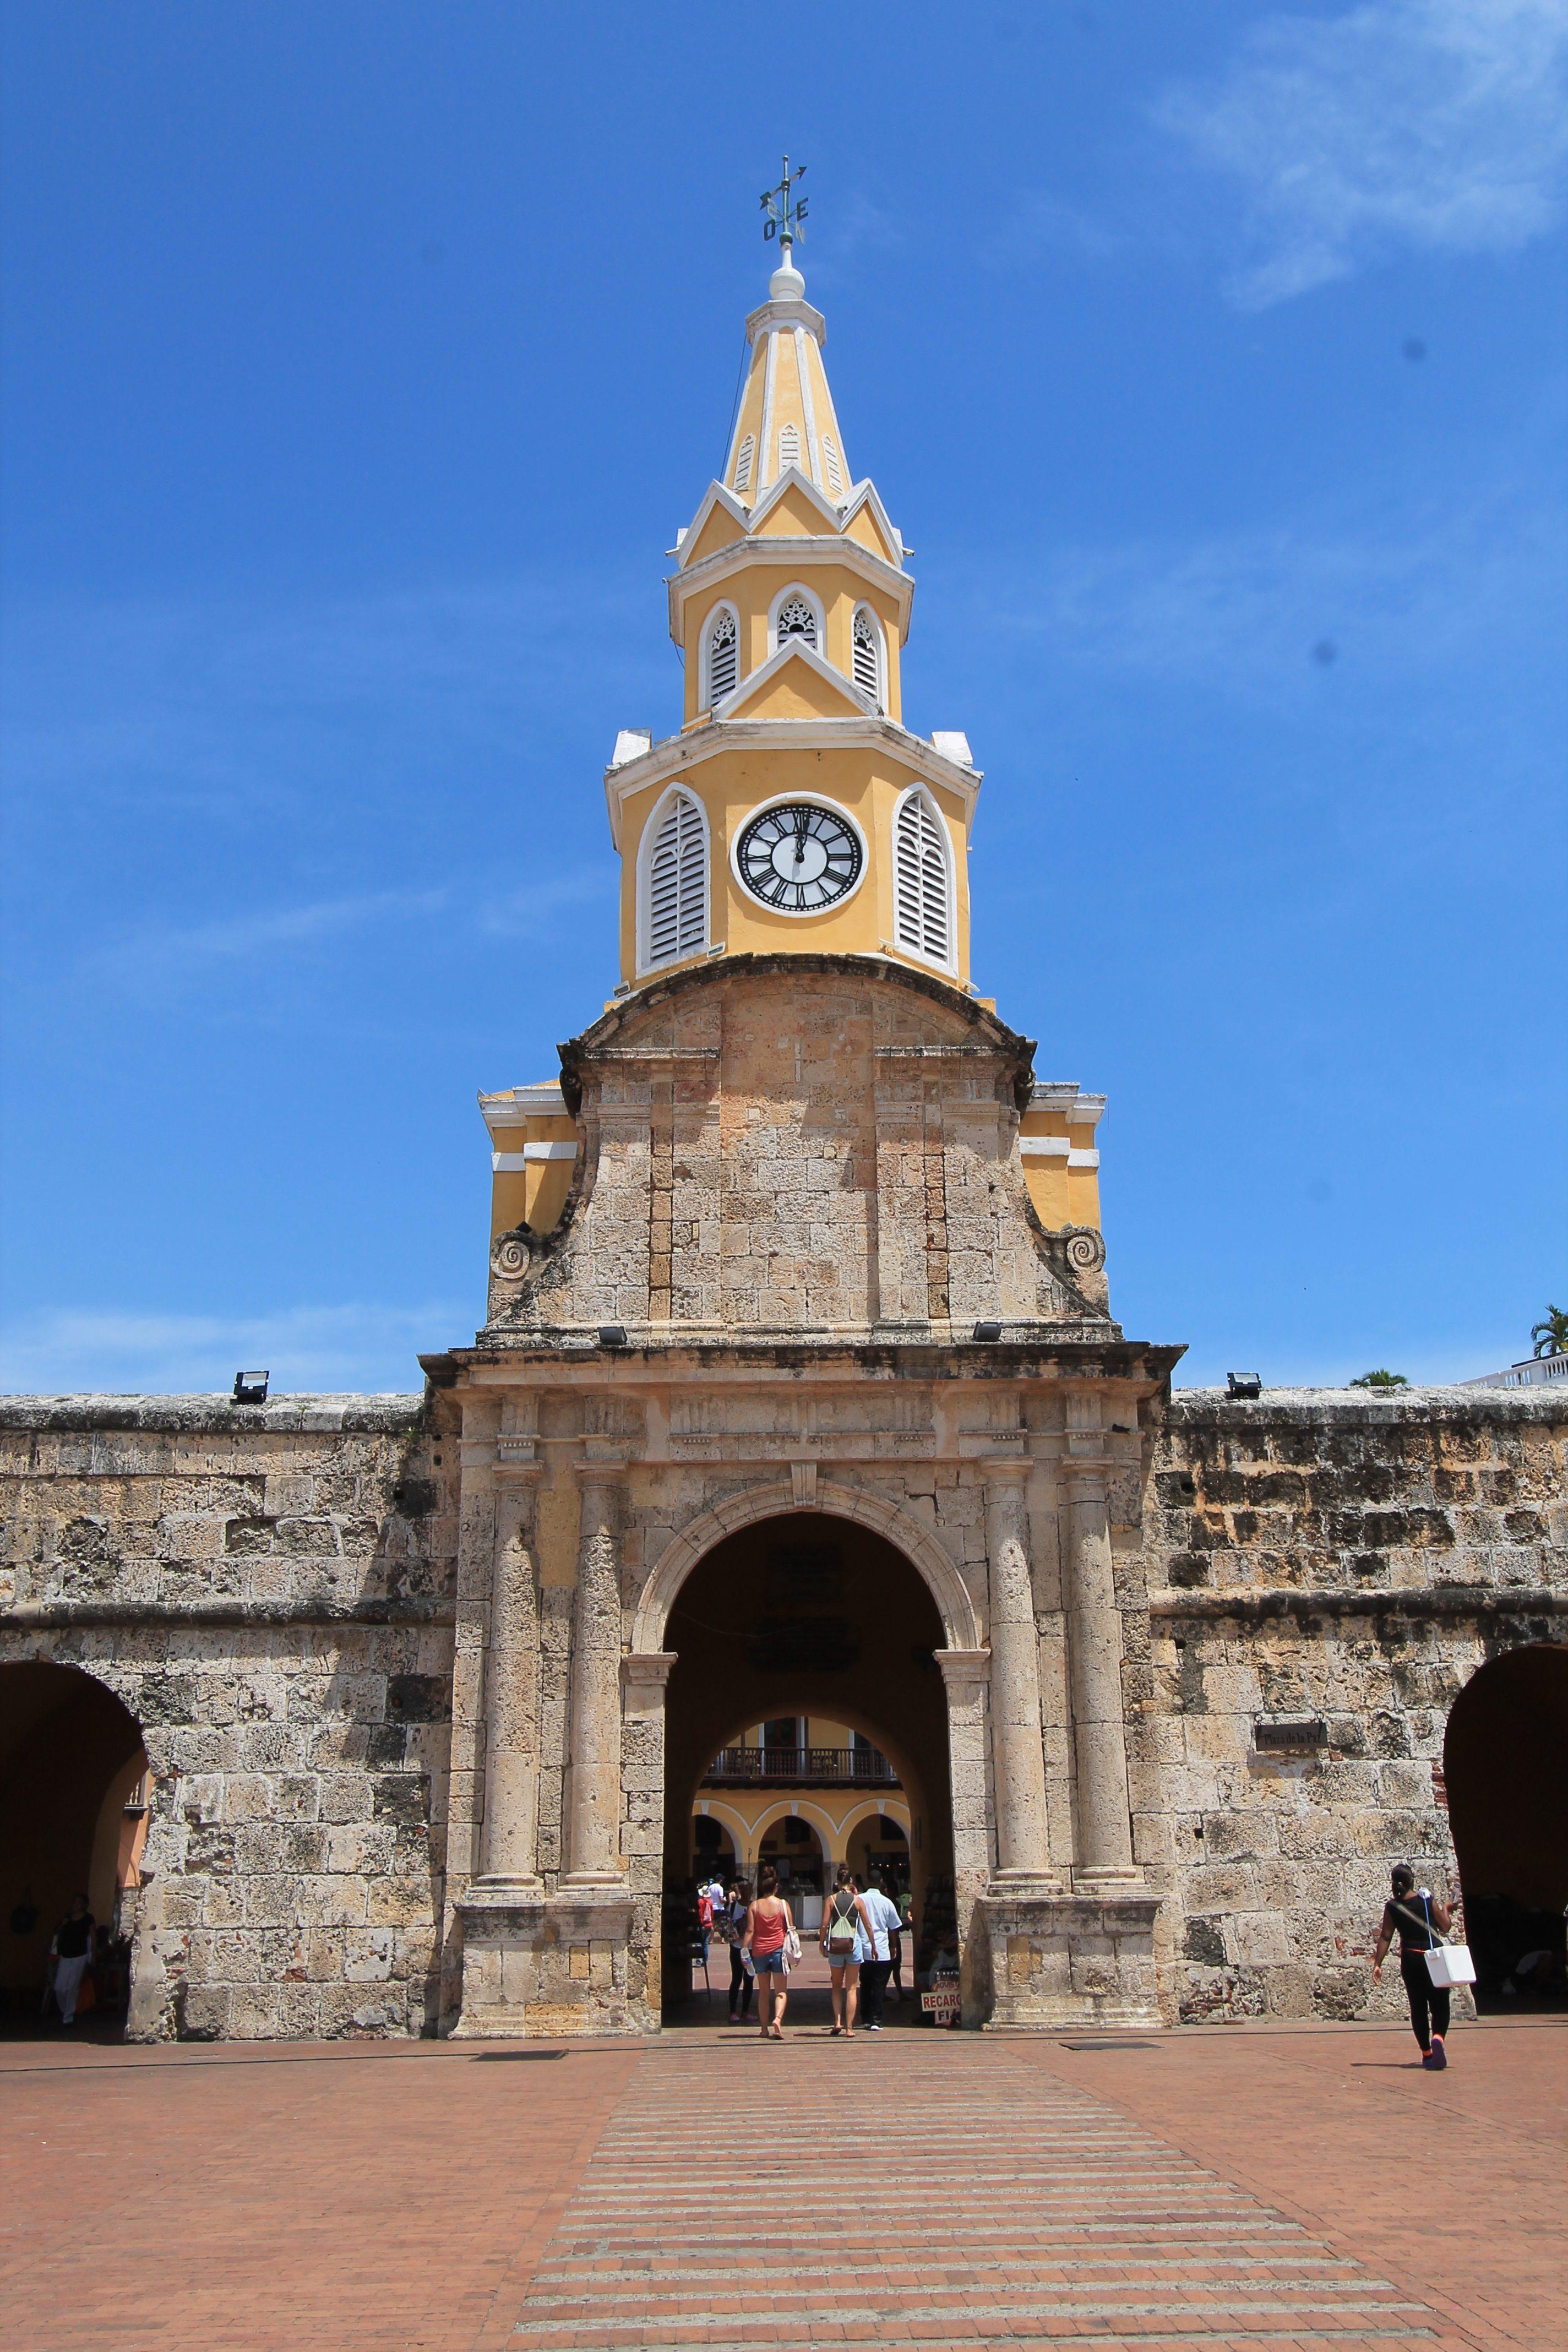 torre orologio cartagena, crociera antille